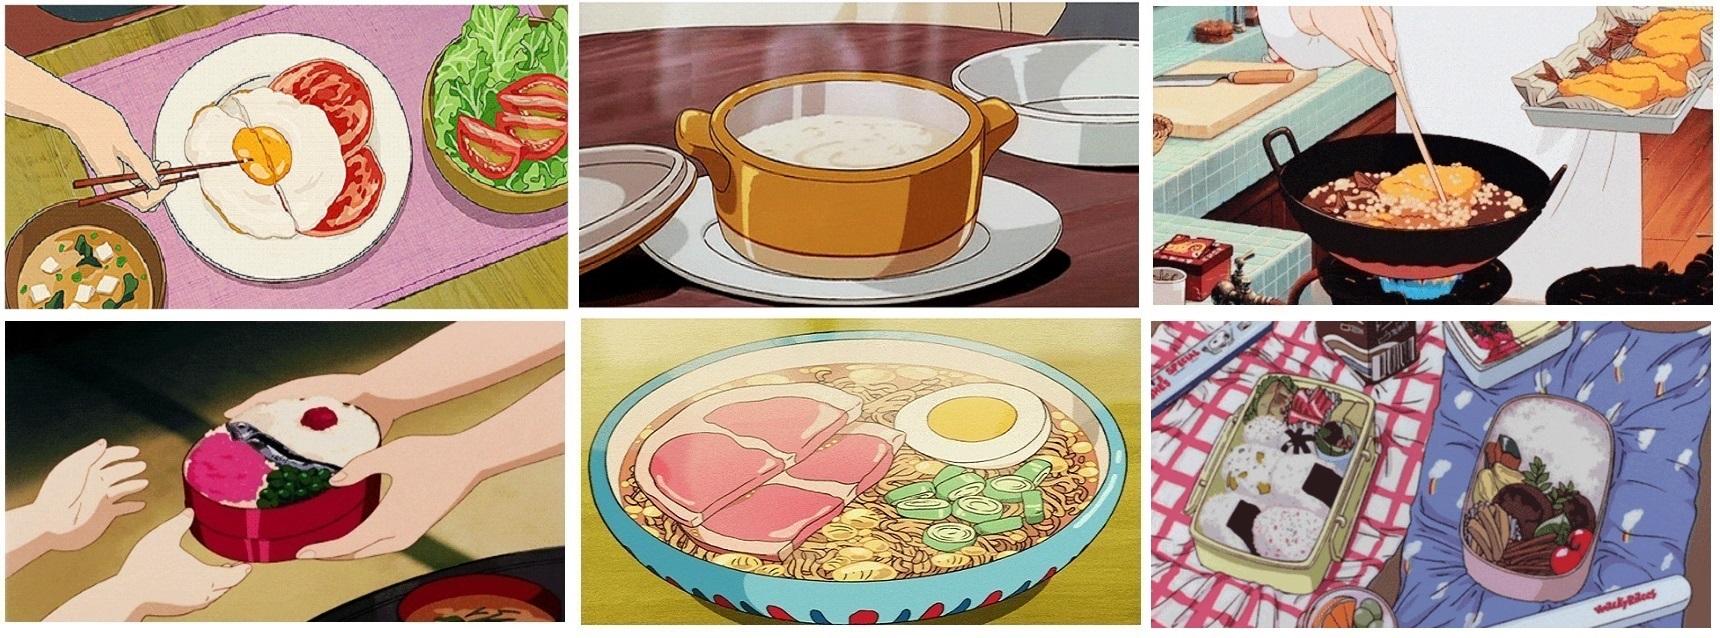 애니메이션과 소박한 음식, 상점가(商店街)